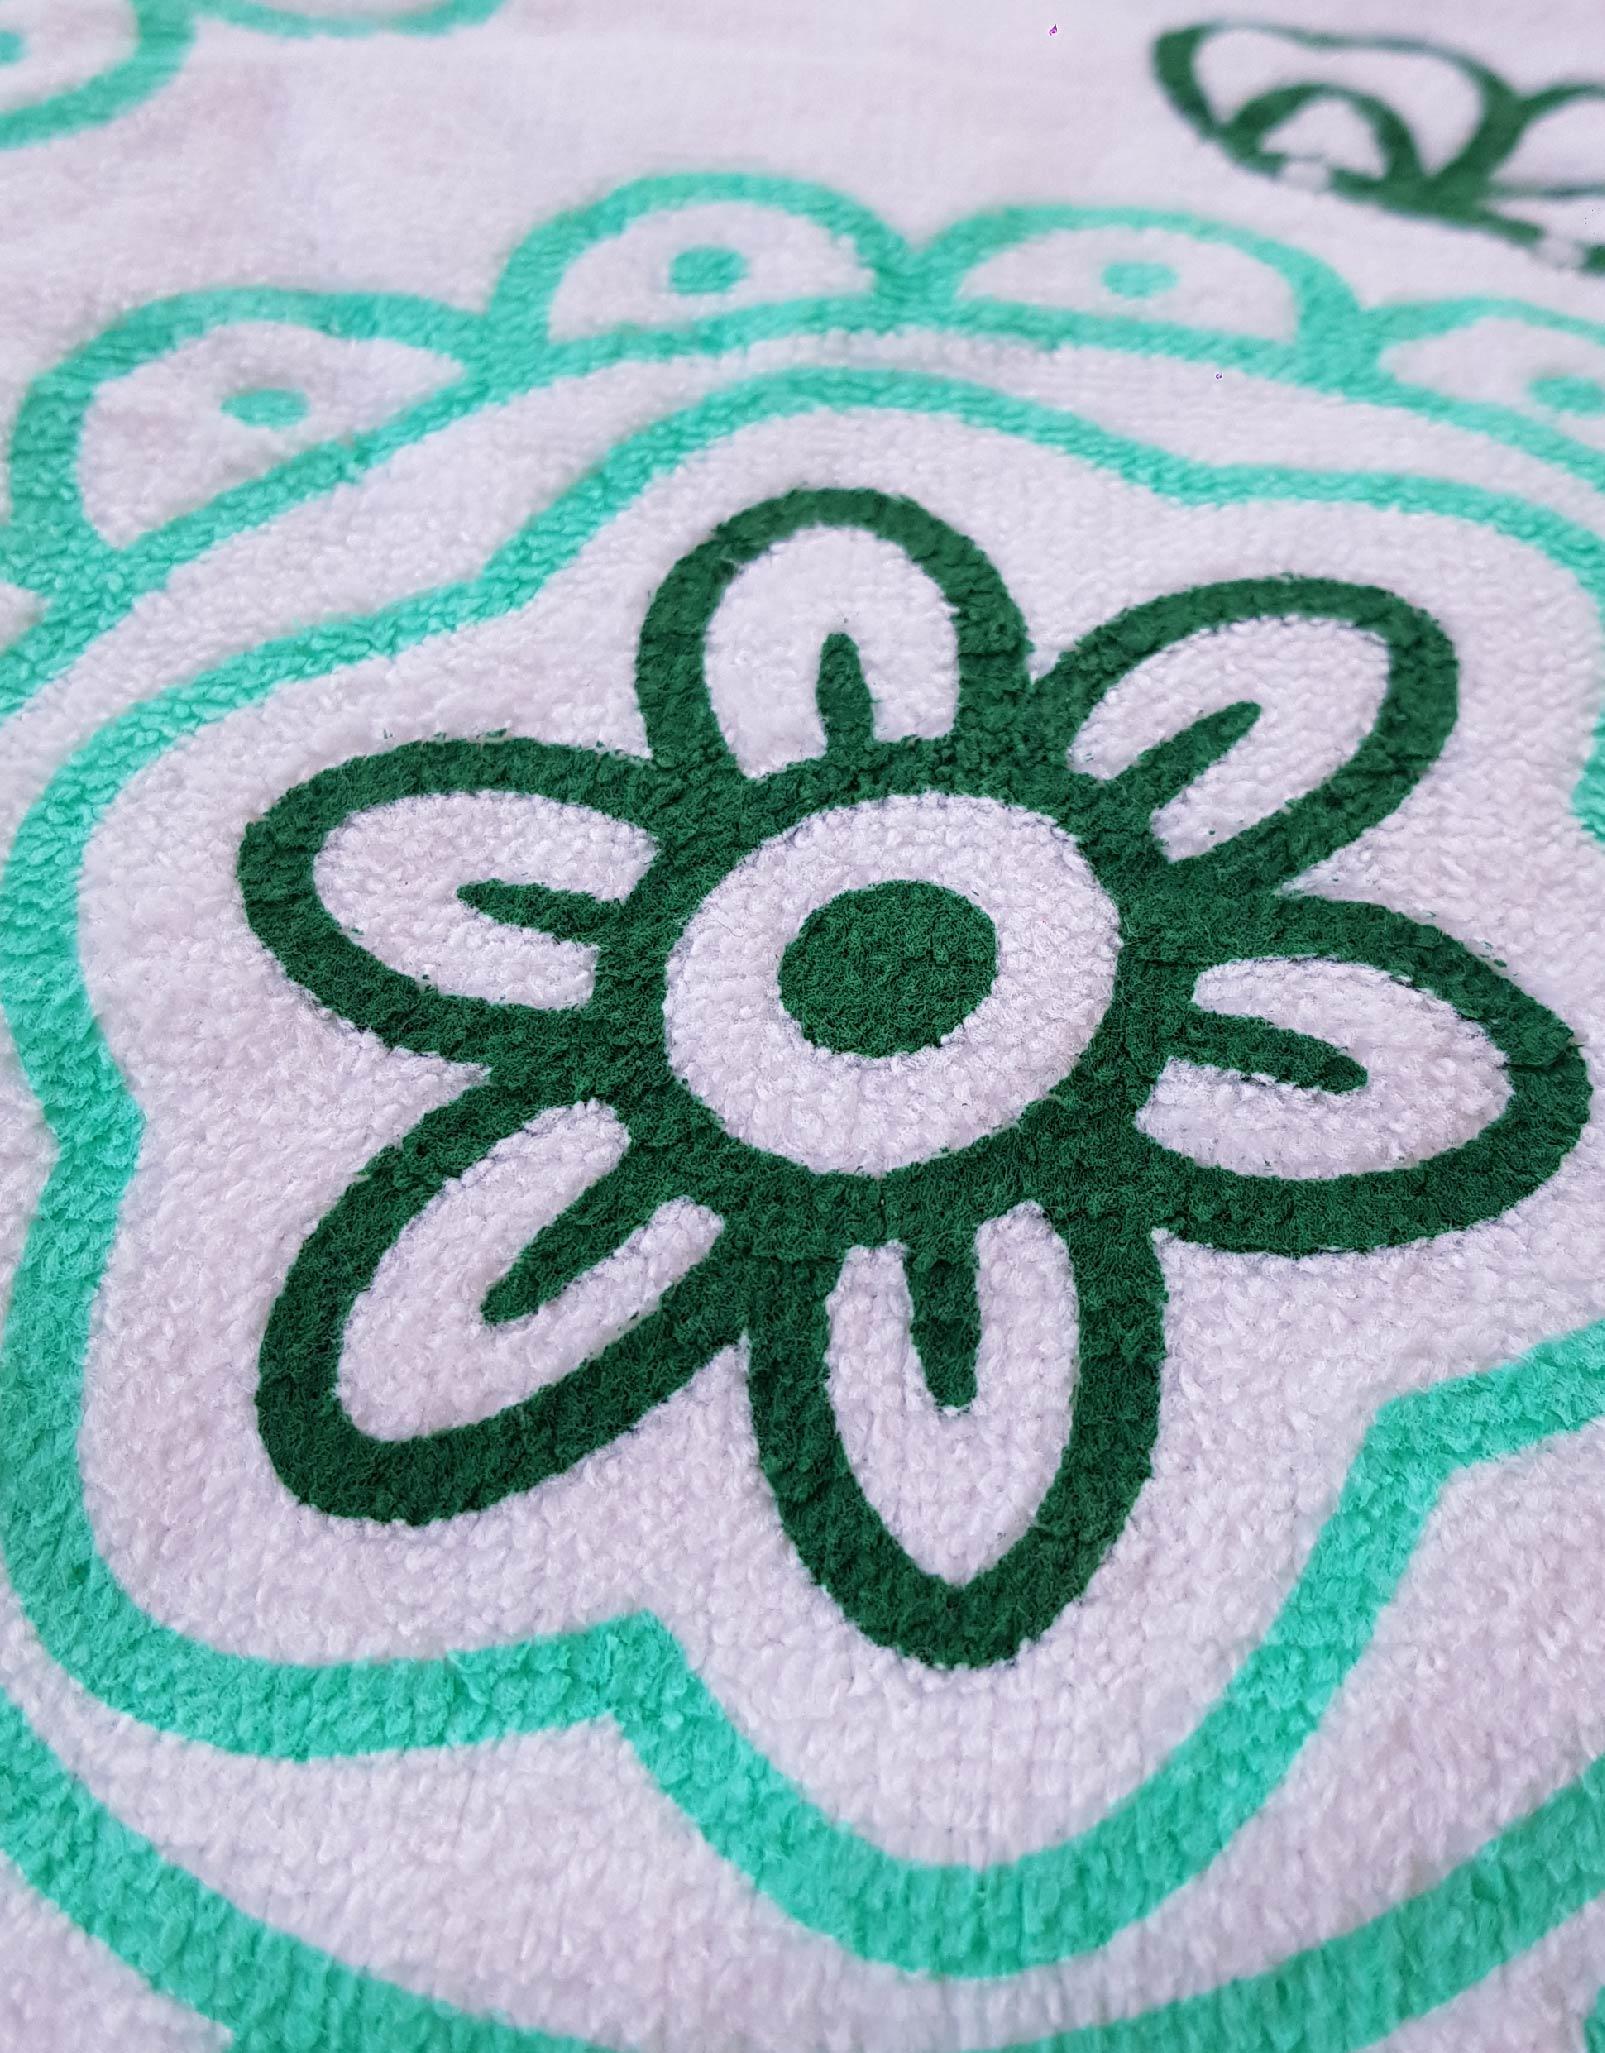 la sirene towel-10